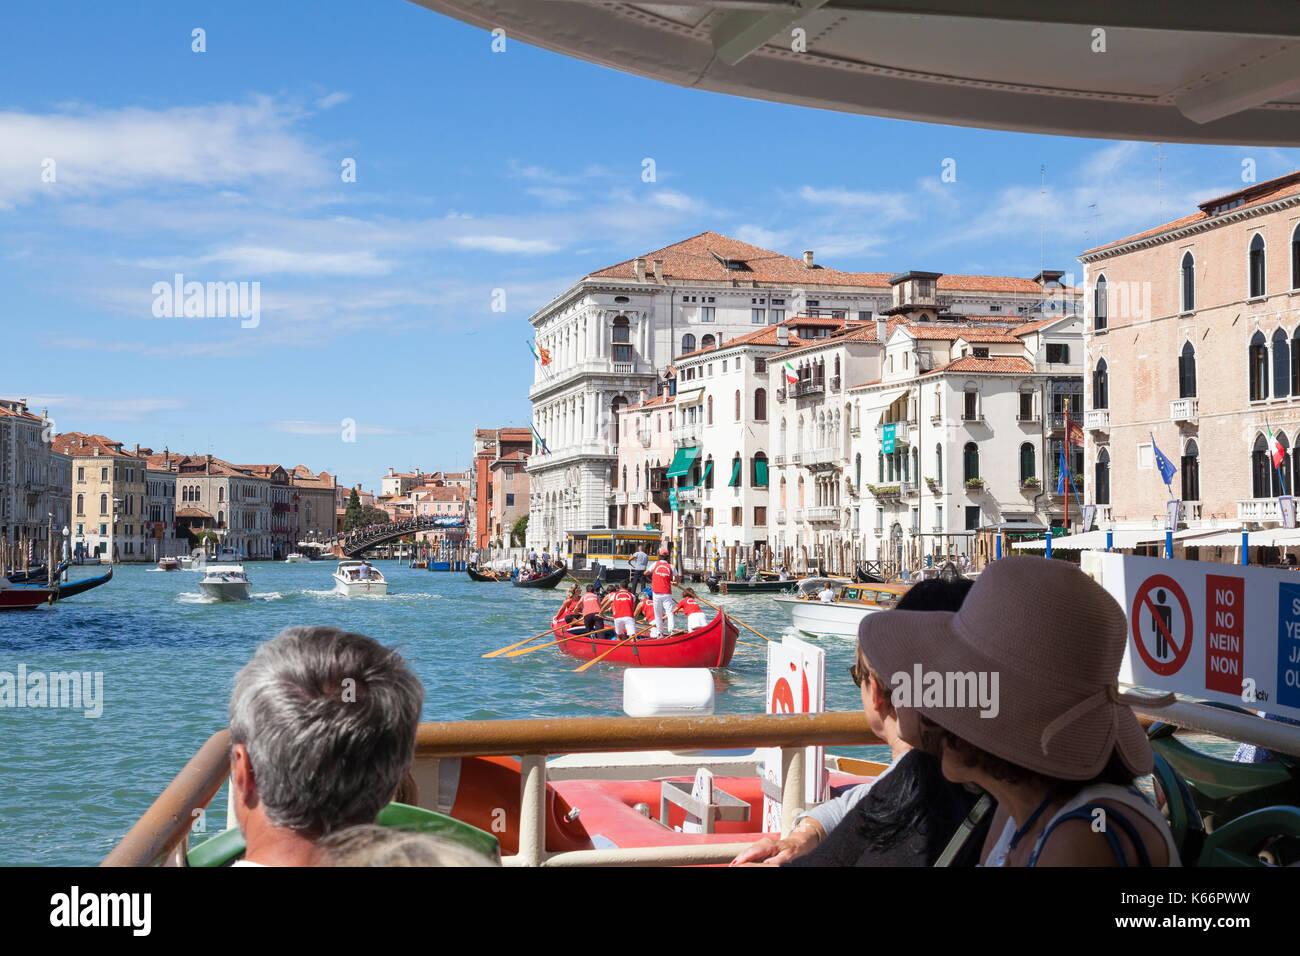 Los turistas en una lancha viajaban hacia el Gran Canal de Venecia, Italia desde un punto de vista en primera persona mirando por encima de los arcos. Equipo de remeros veneciano Imagen De Stock